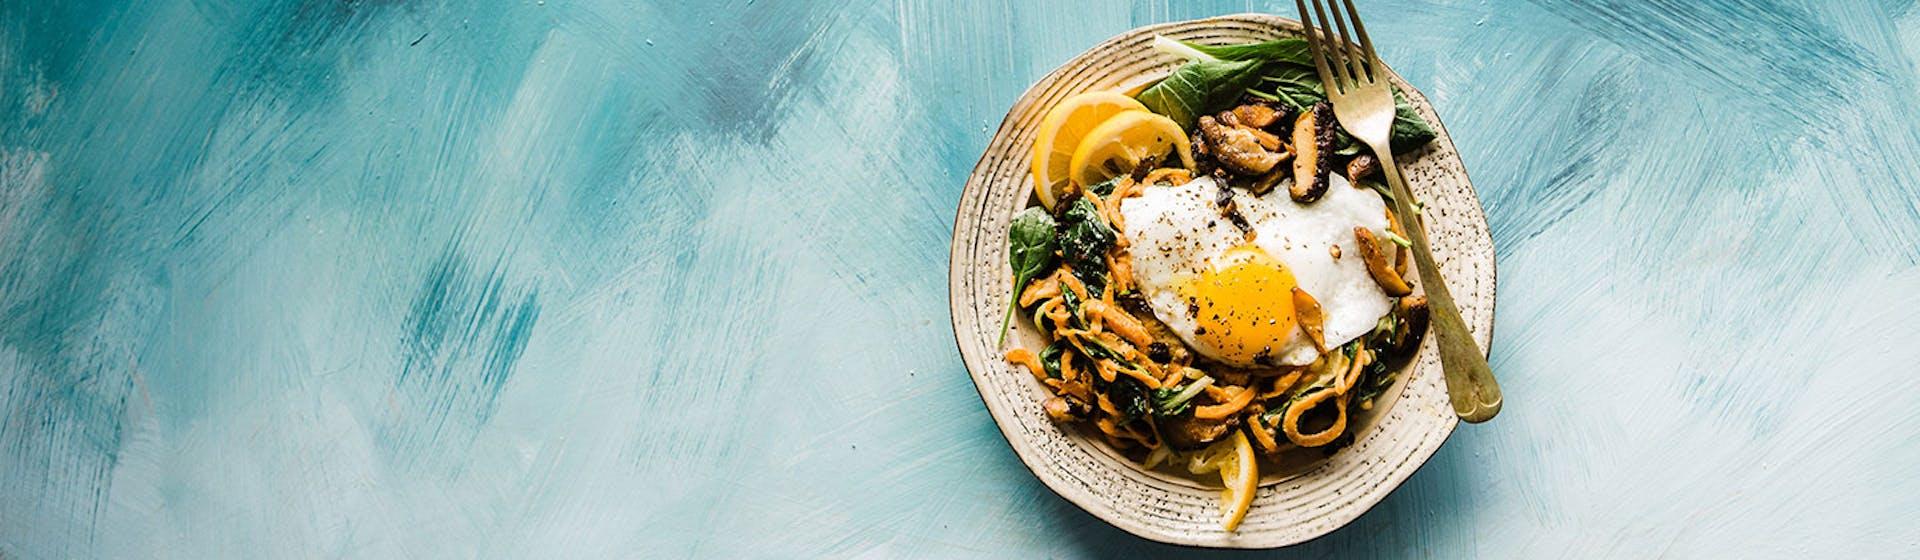 ¿Cómo hacer un recetario de cocina? Comparte tu legado culinario con el mundo